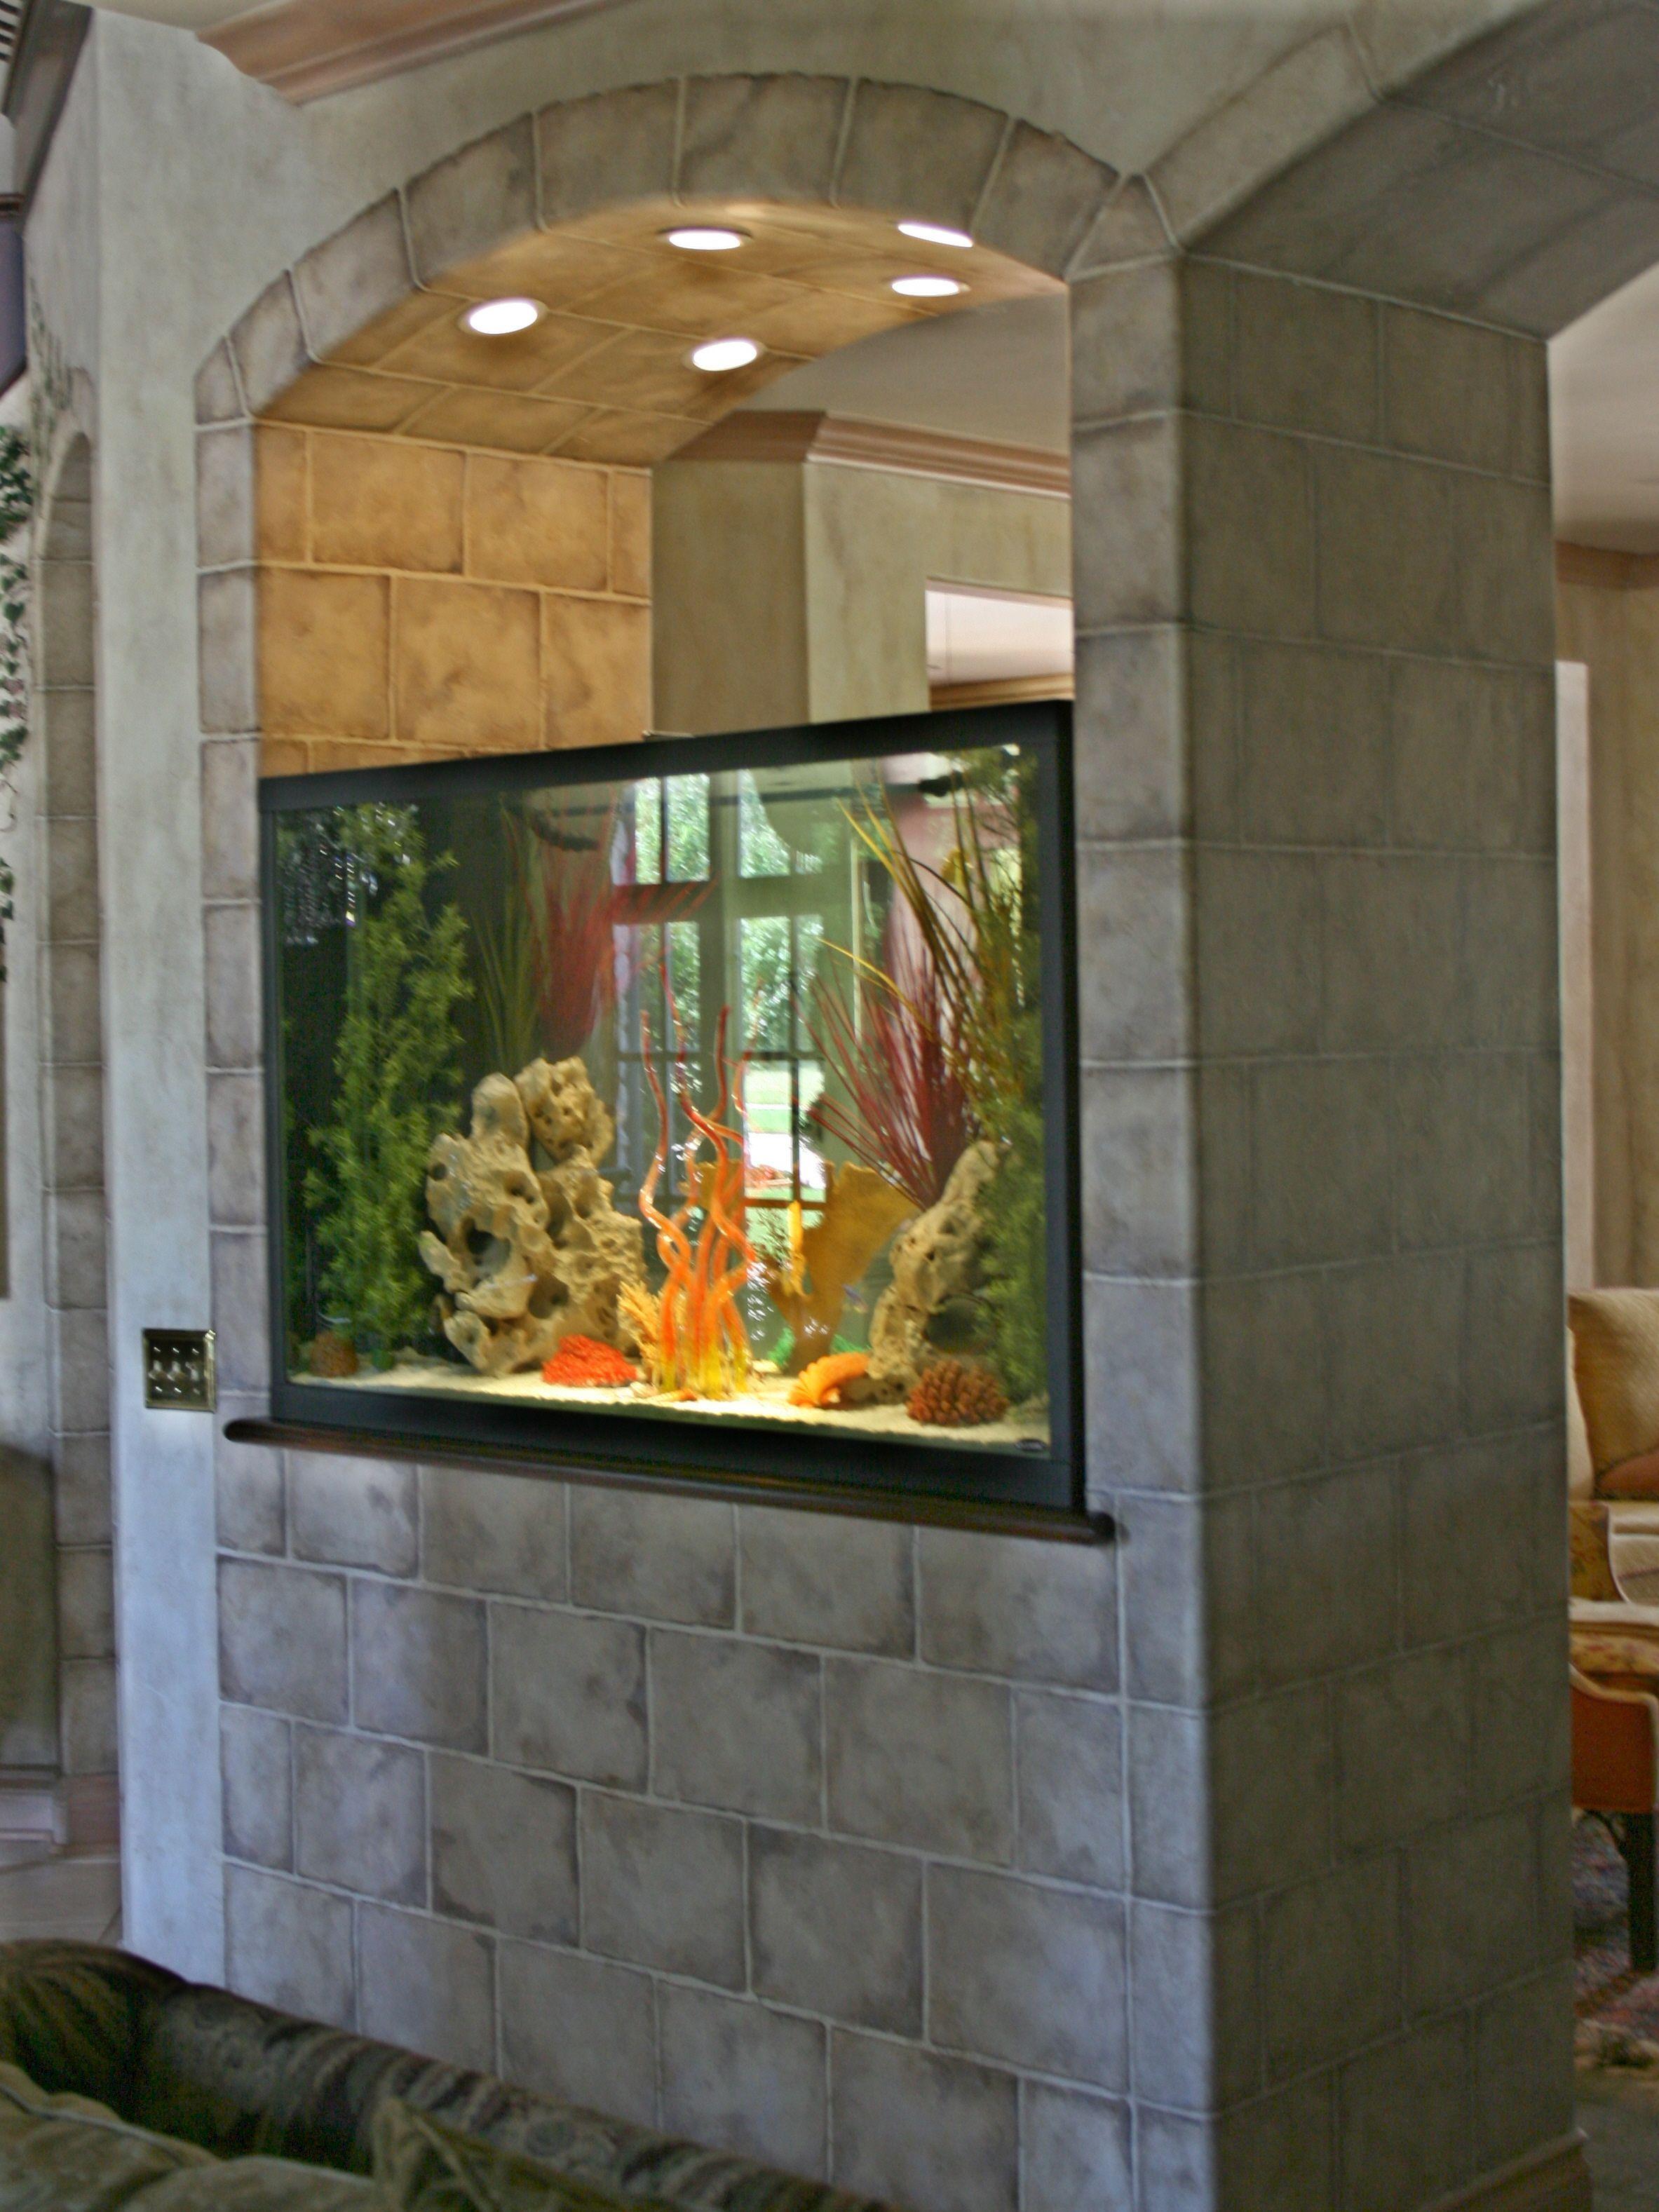 Home Aquarium Design Ideas: Google Image Result For Http://www.aqualifeaquariumhome